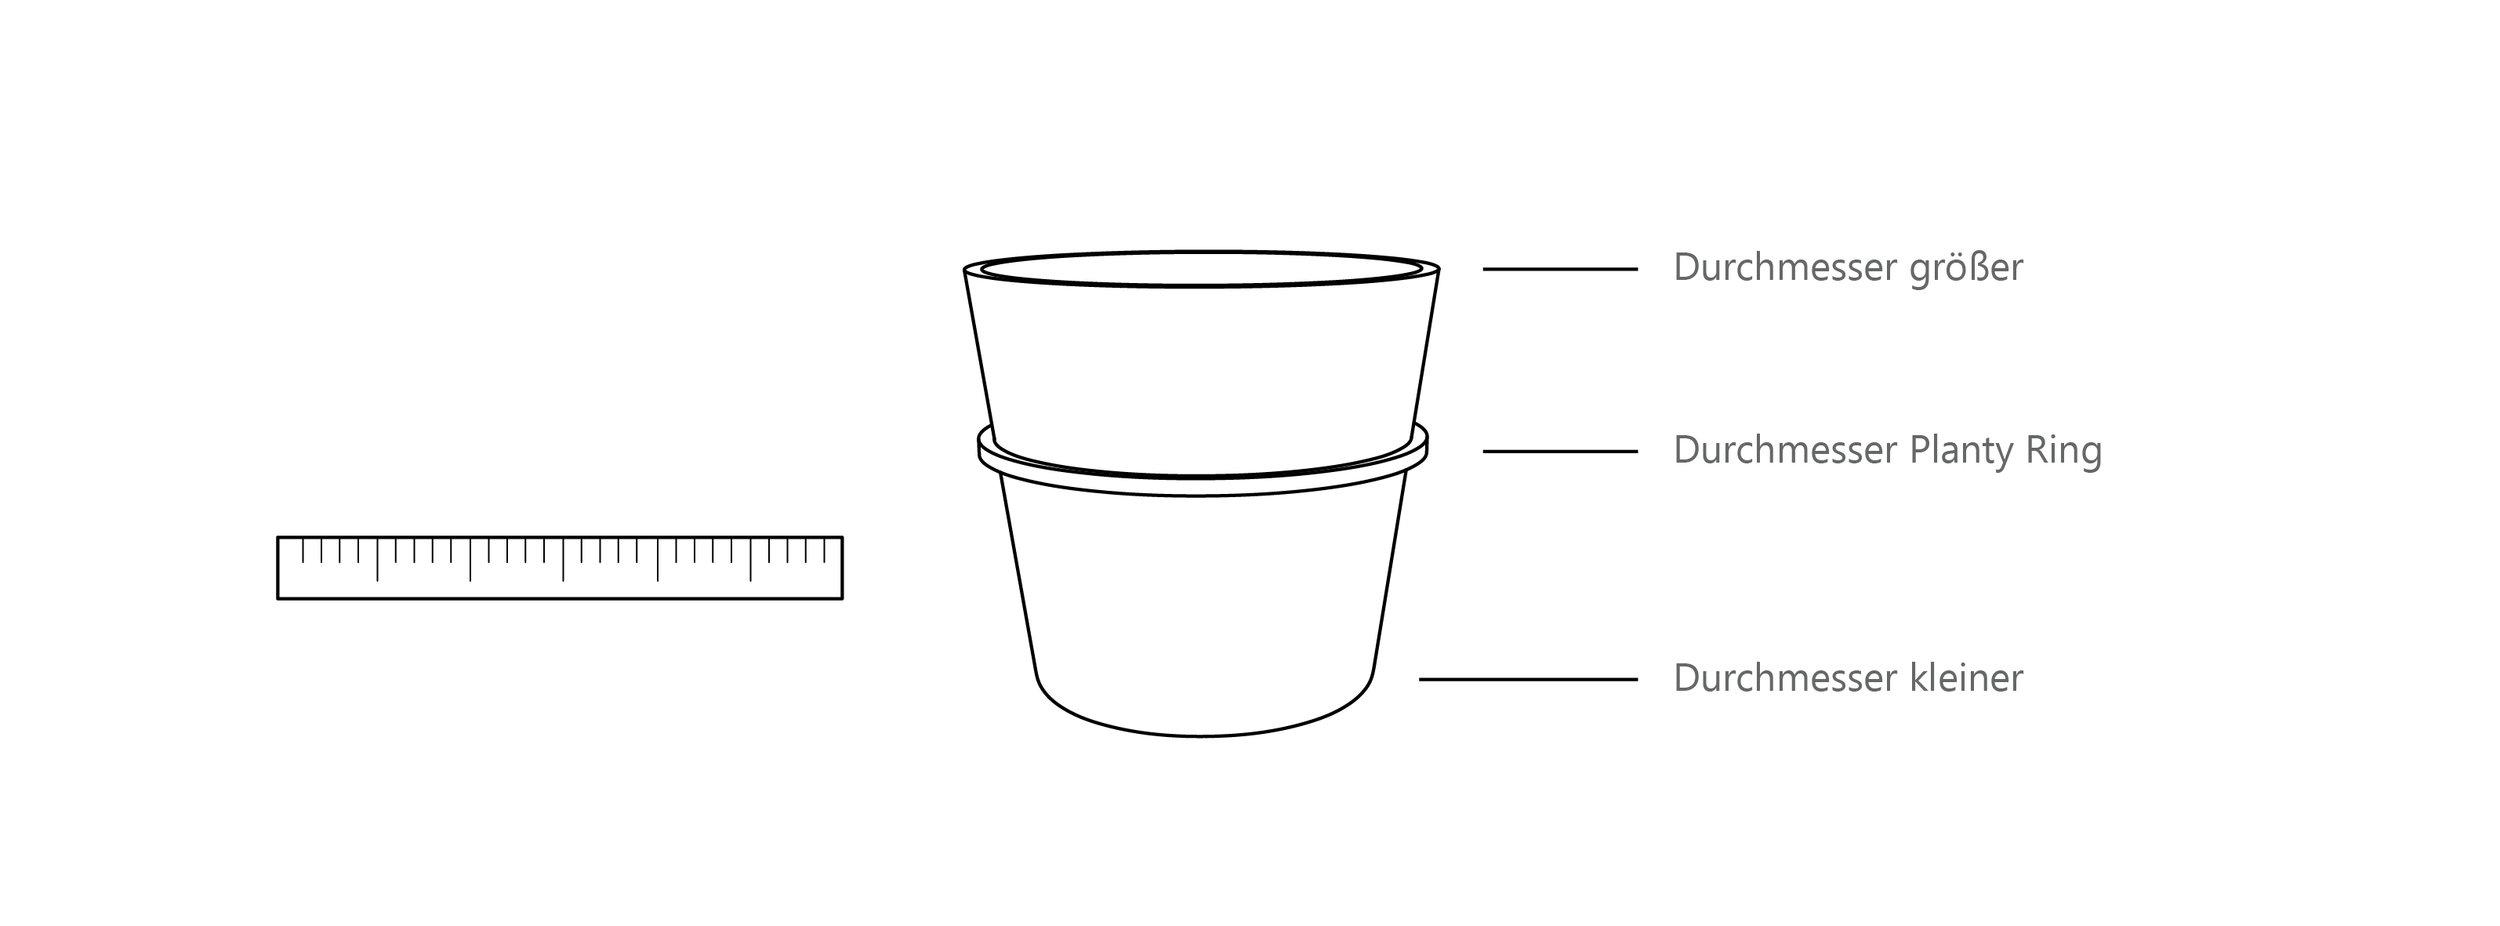 Topansicht Planty Rings für Erklärung Durchmesser und Umfang_3_2 copy.jpg